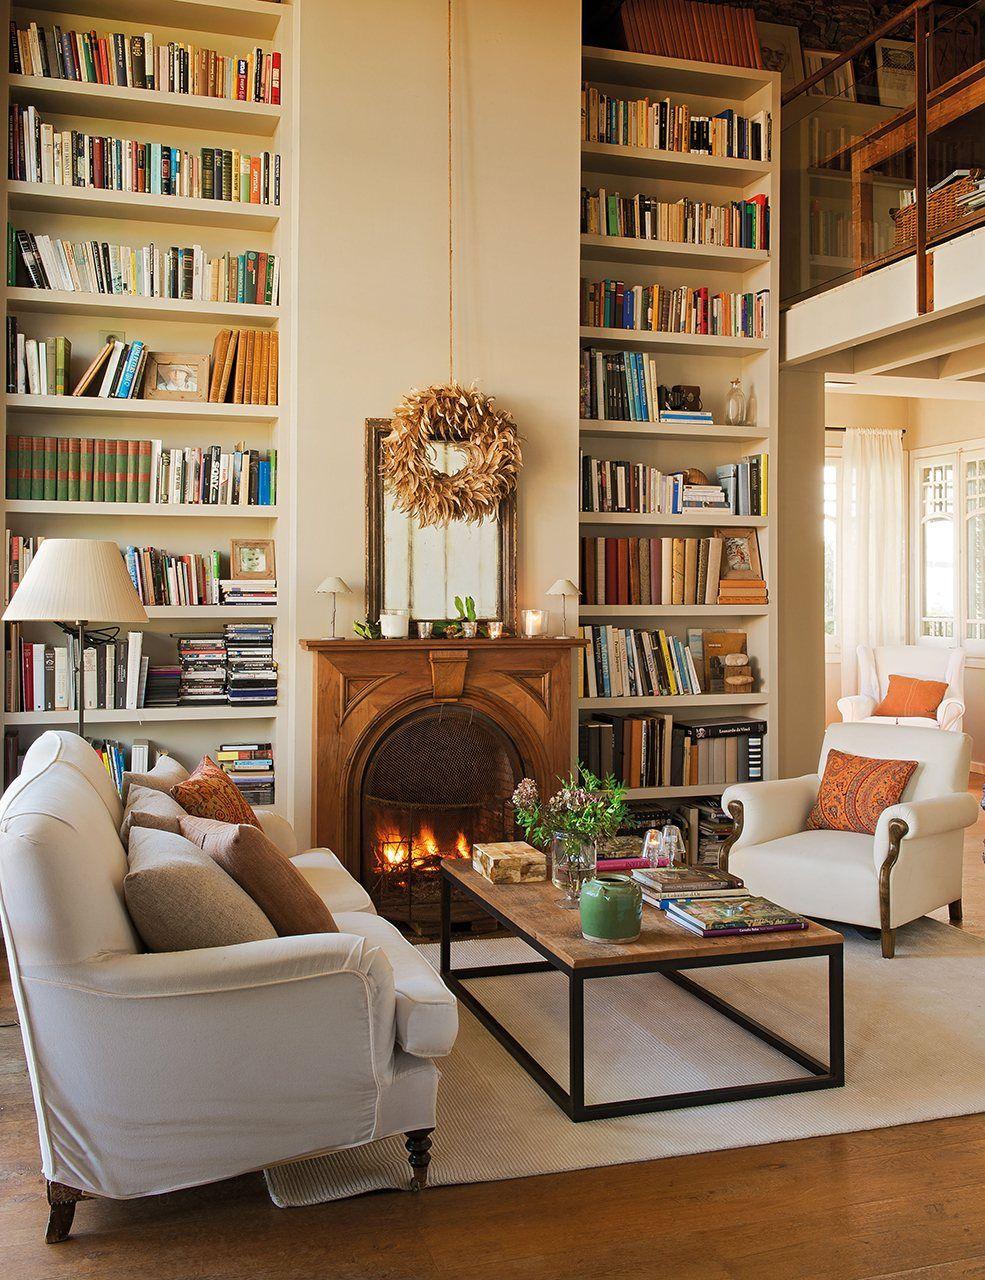 Una casa más alta  Una biblioteca a medida puede ayudarte a ganar verticalidad en cualquier estancia.